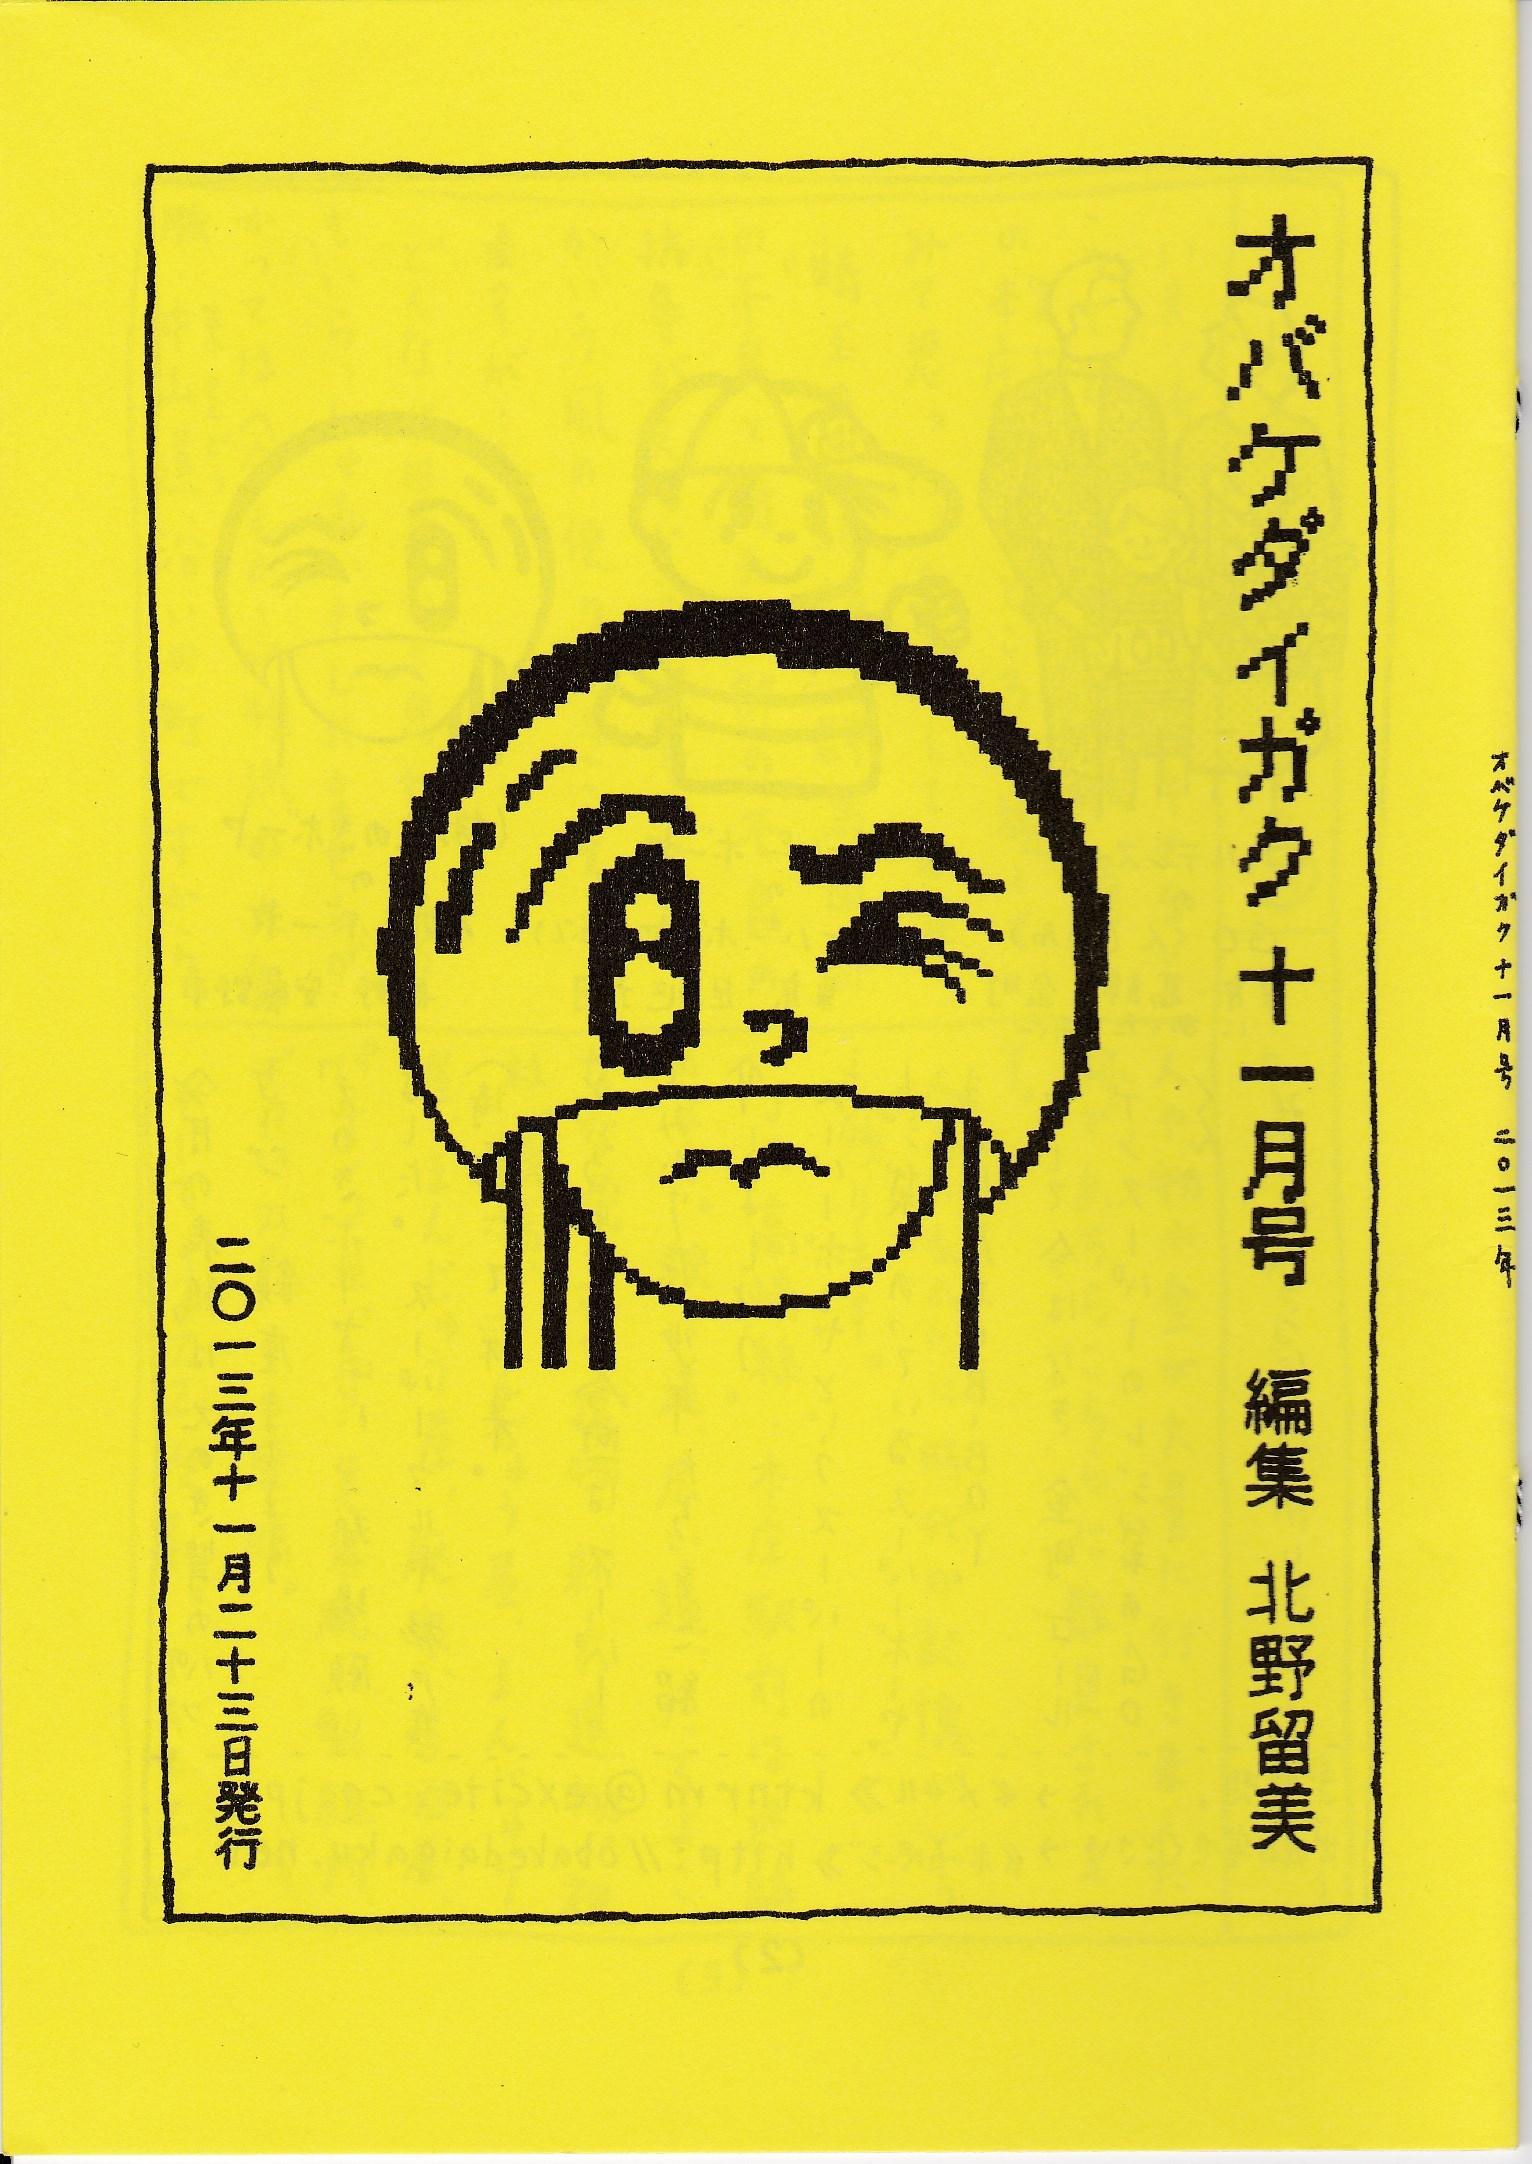 オバケダイガク 11月号 2013年11月23日発行 | 古書 みつづみ書房 powered by BASE